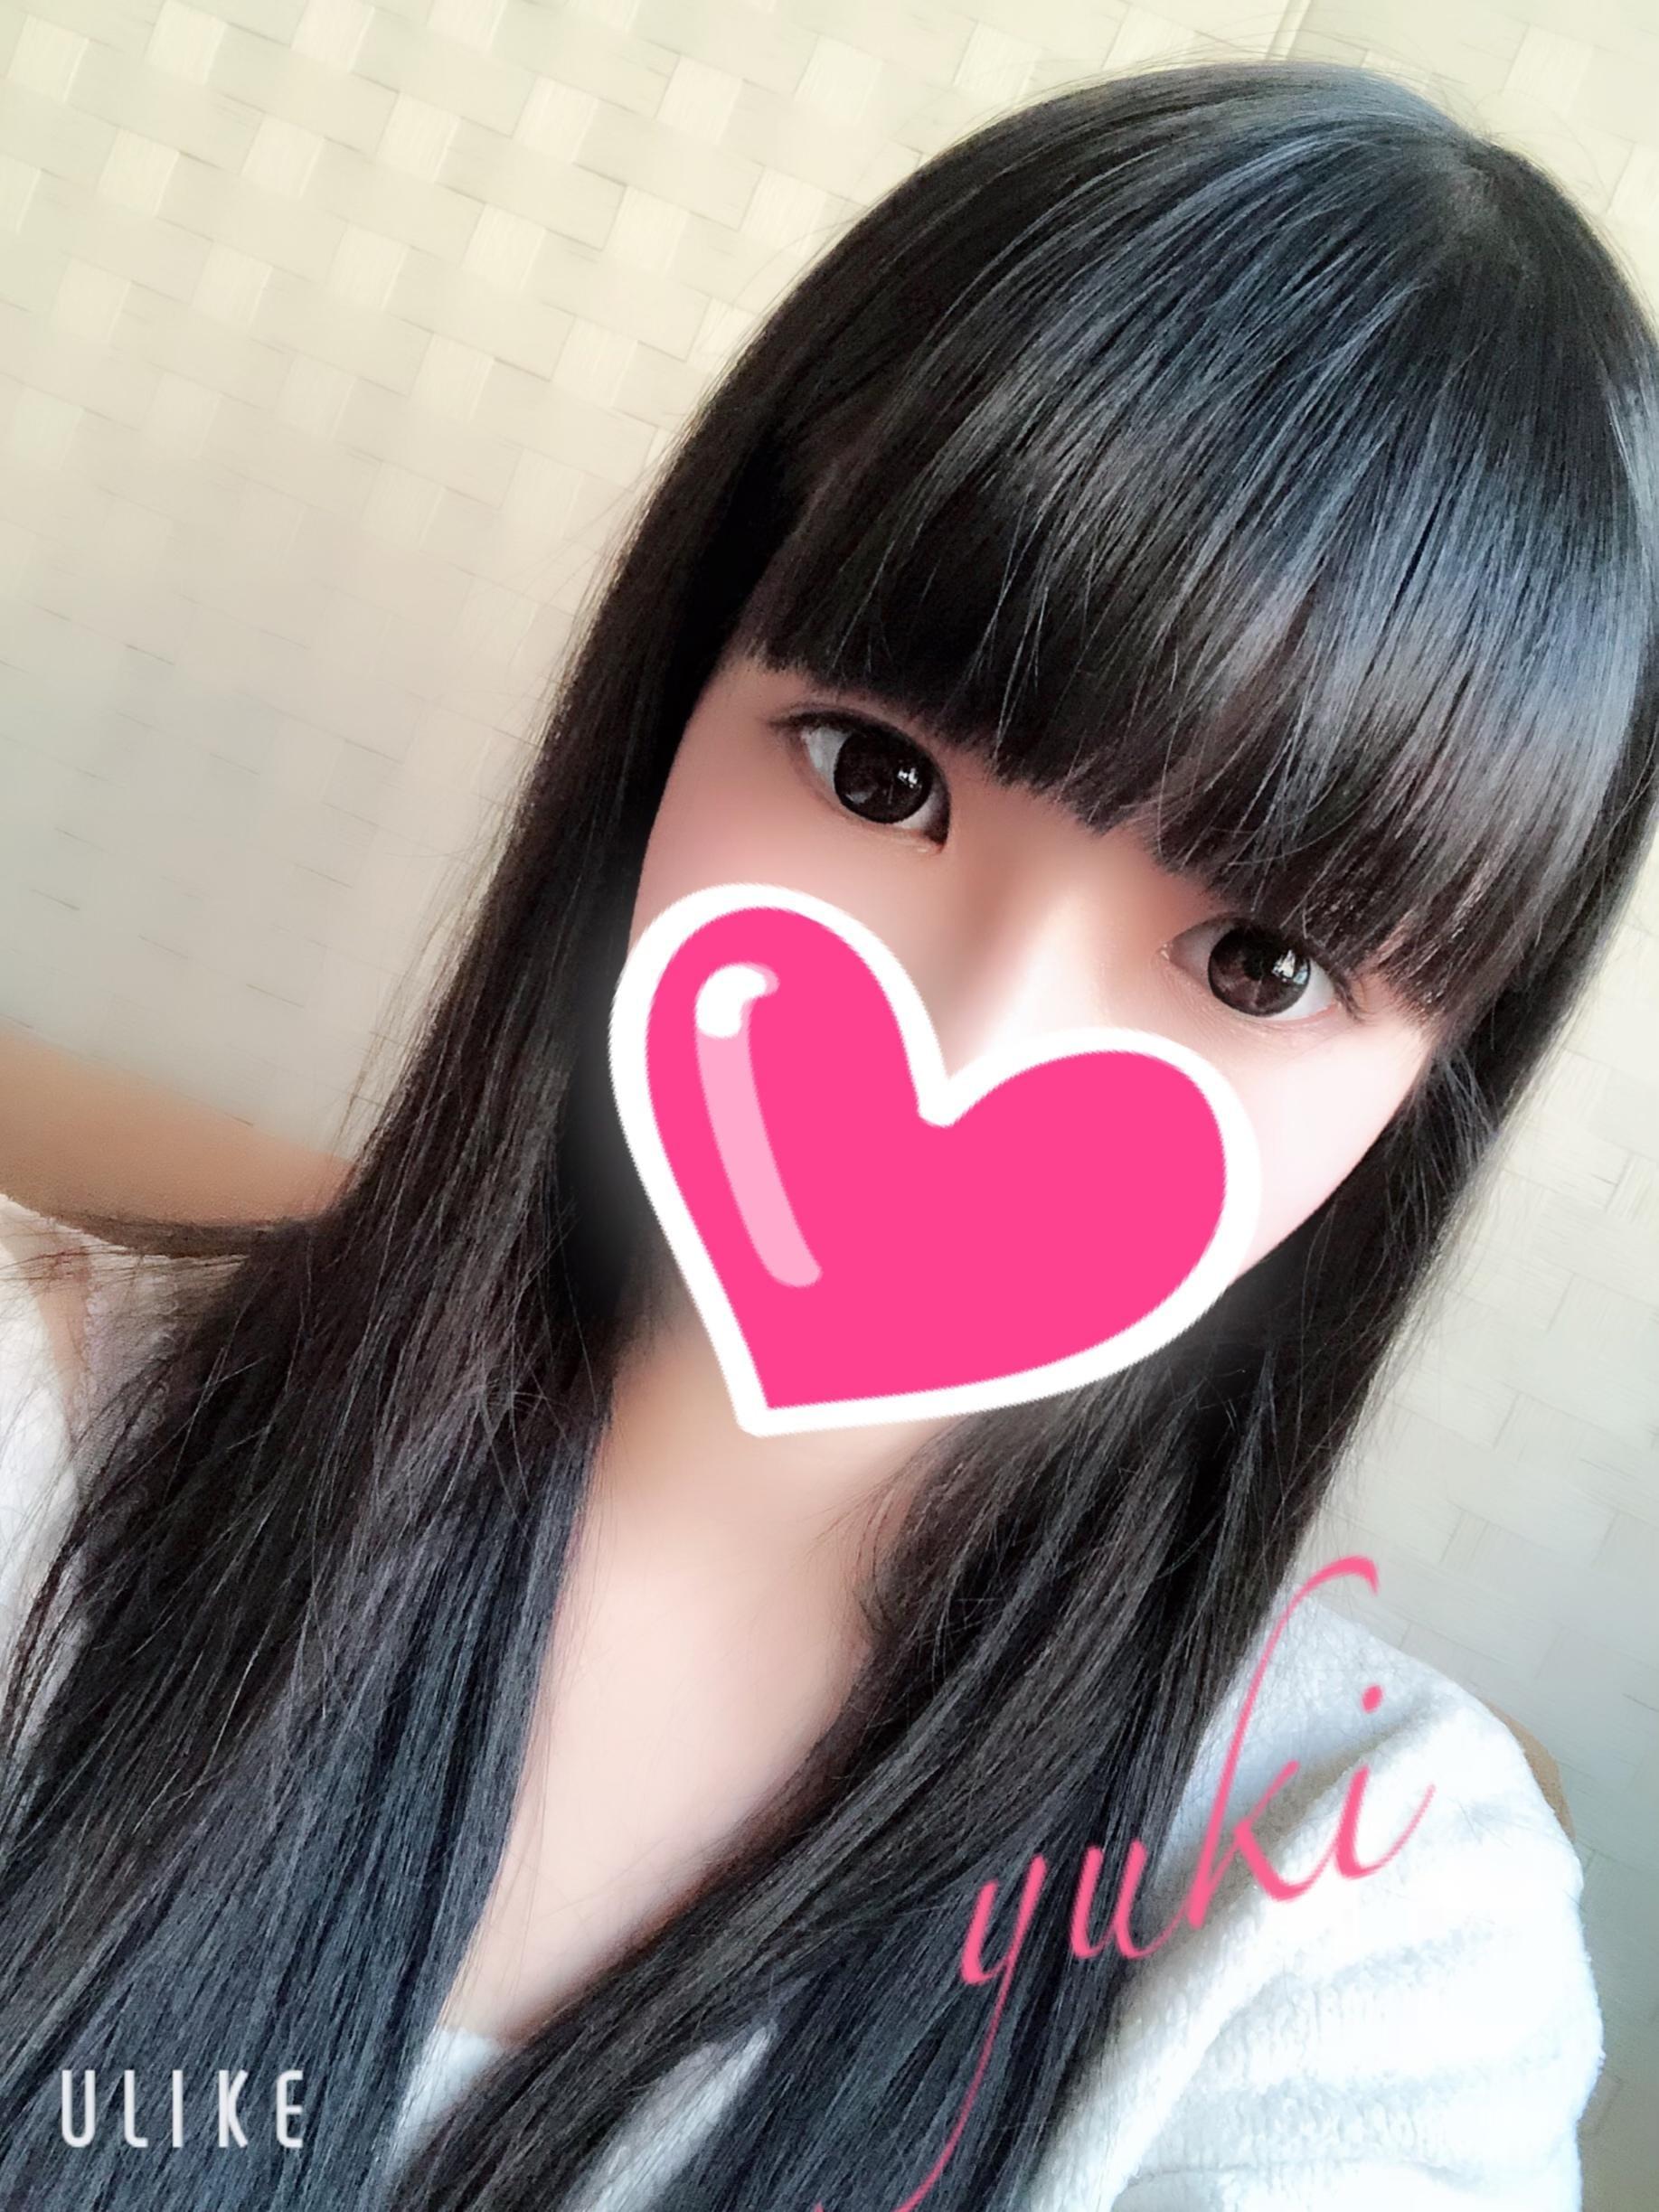 おはよう(^ν^)